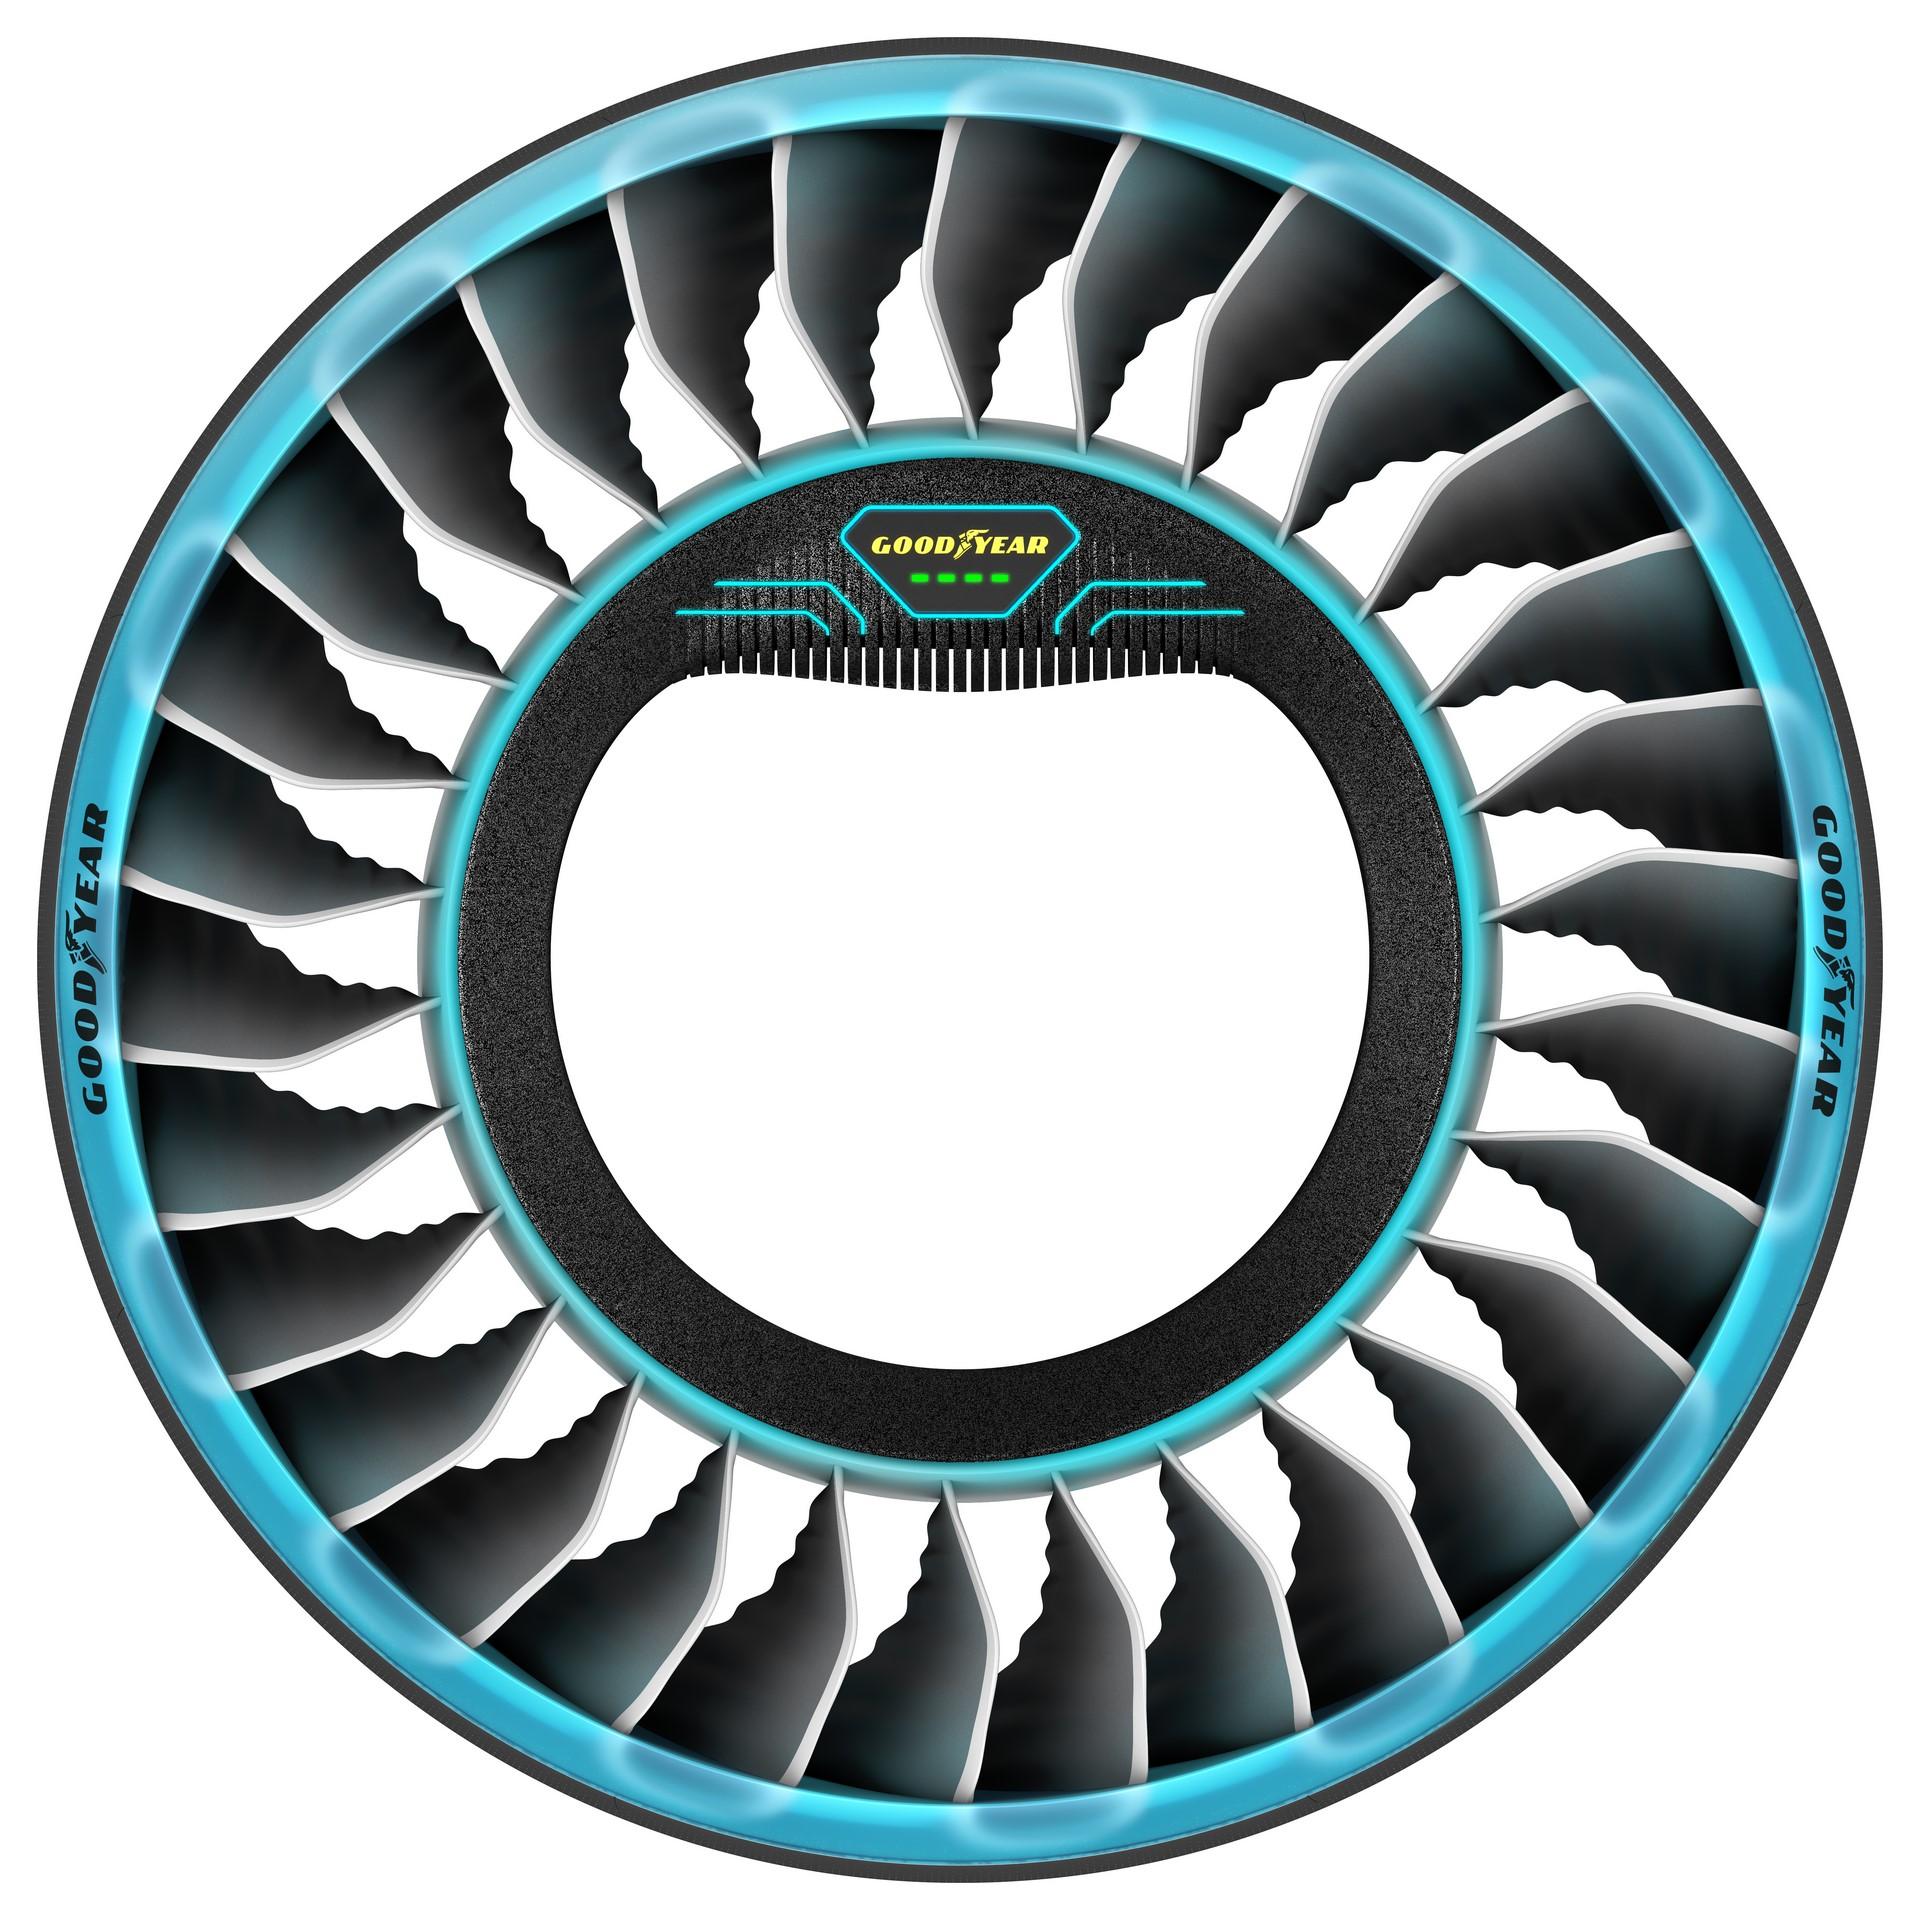 Goodyear Aero Tiltrotor Tire Concept (2)